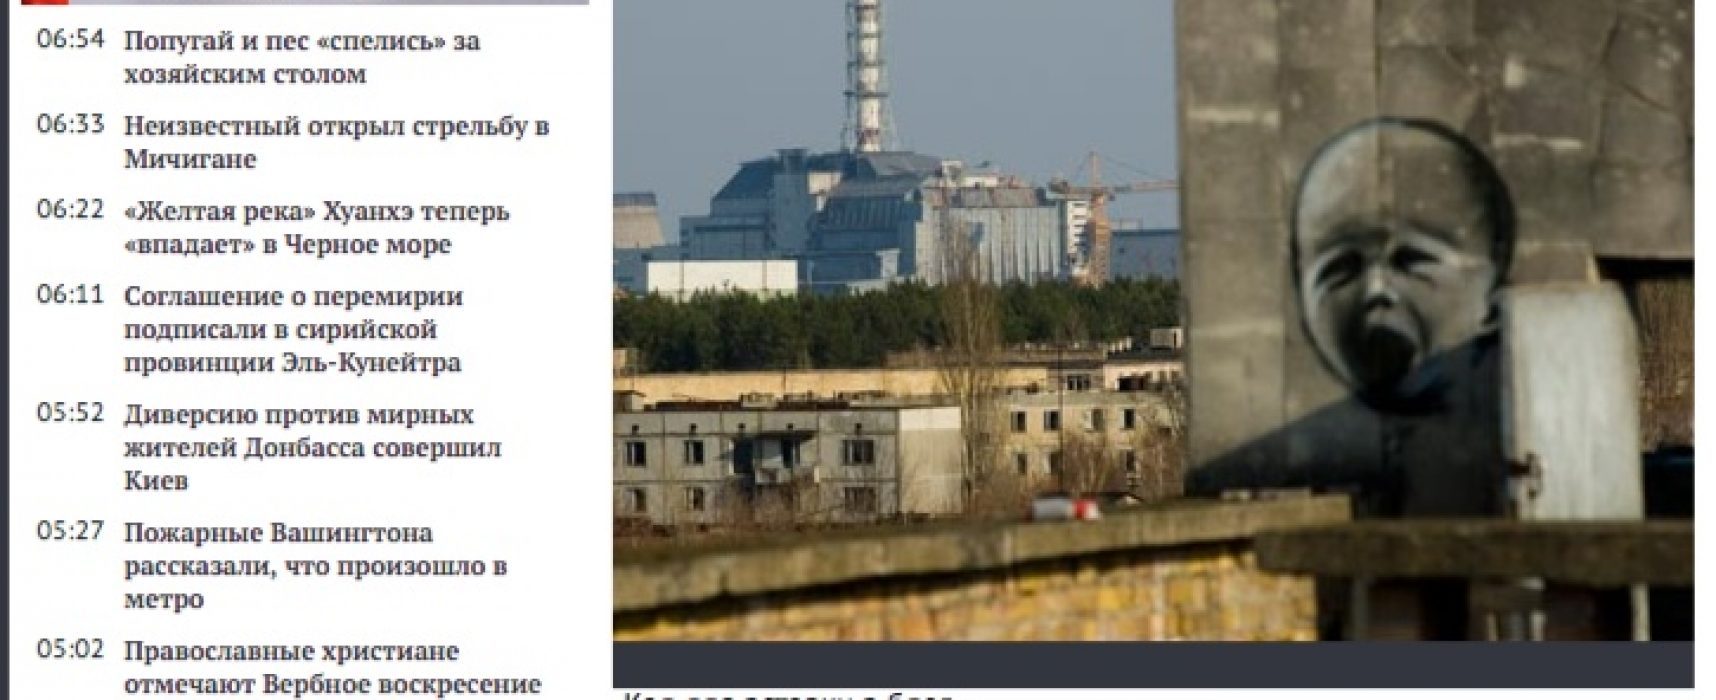 Фейк: Украйна е на прага на нов Чернобил